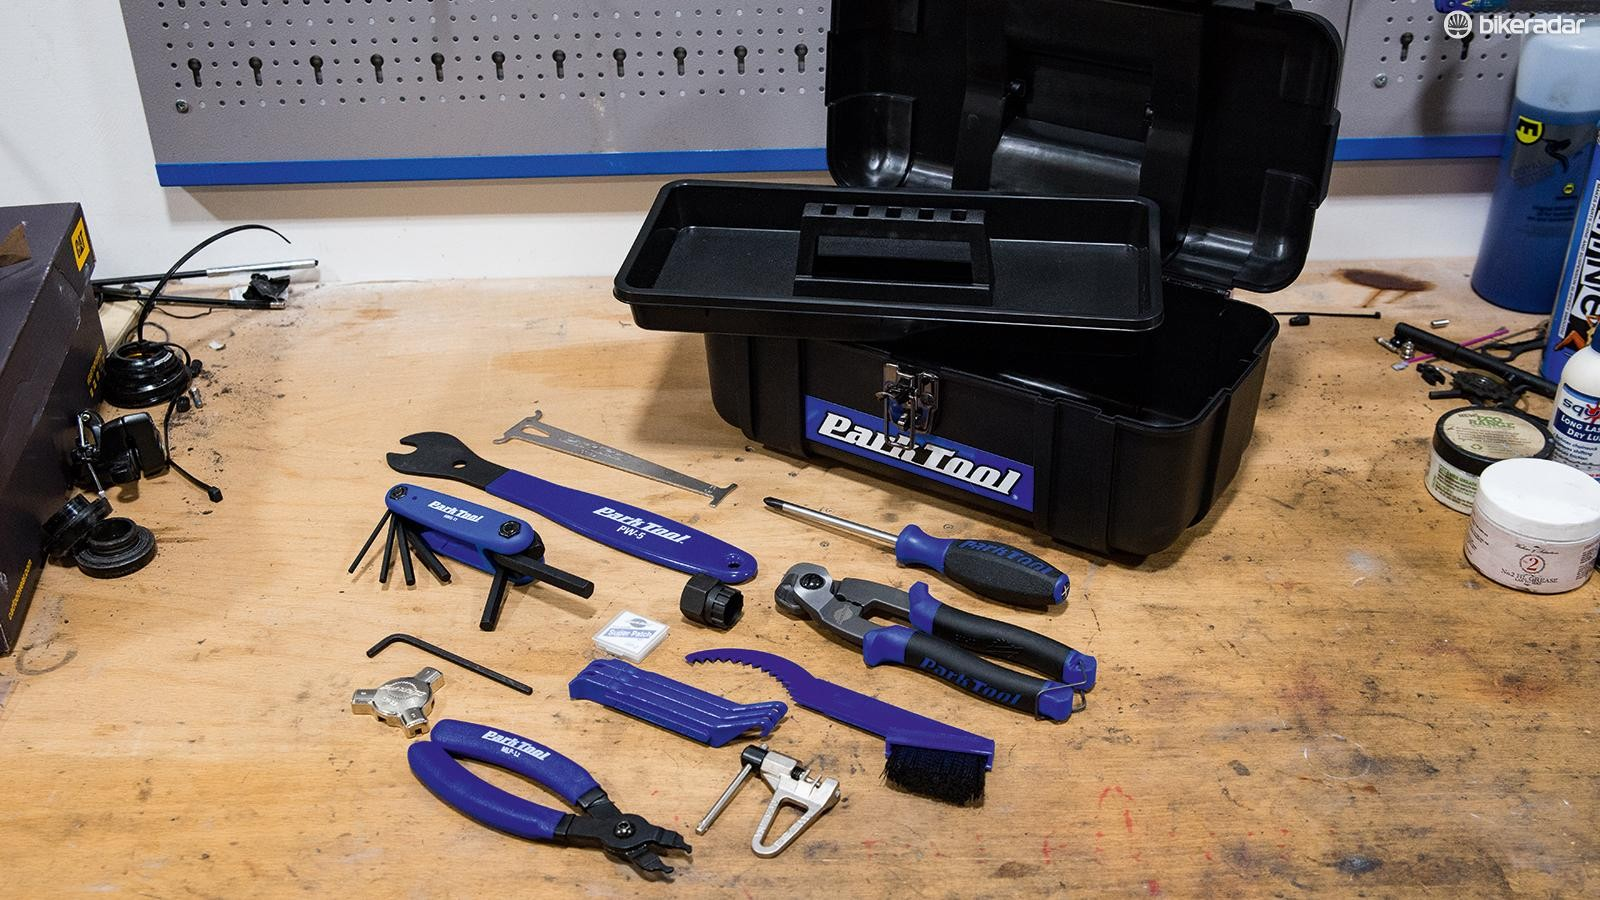 best-of-basic-tool-kit-02-1533031324862-1whtu8qtd848p-4e706ab